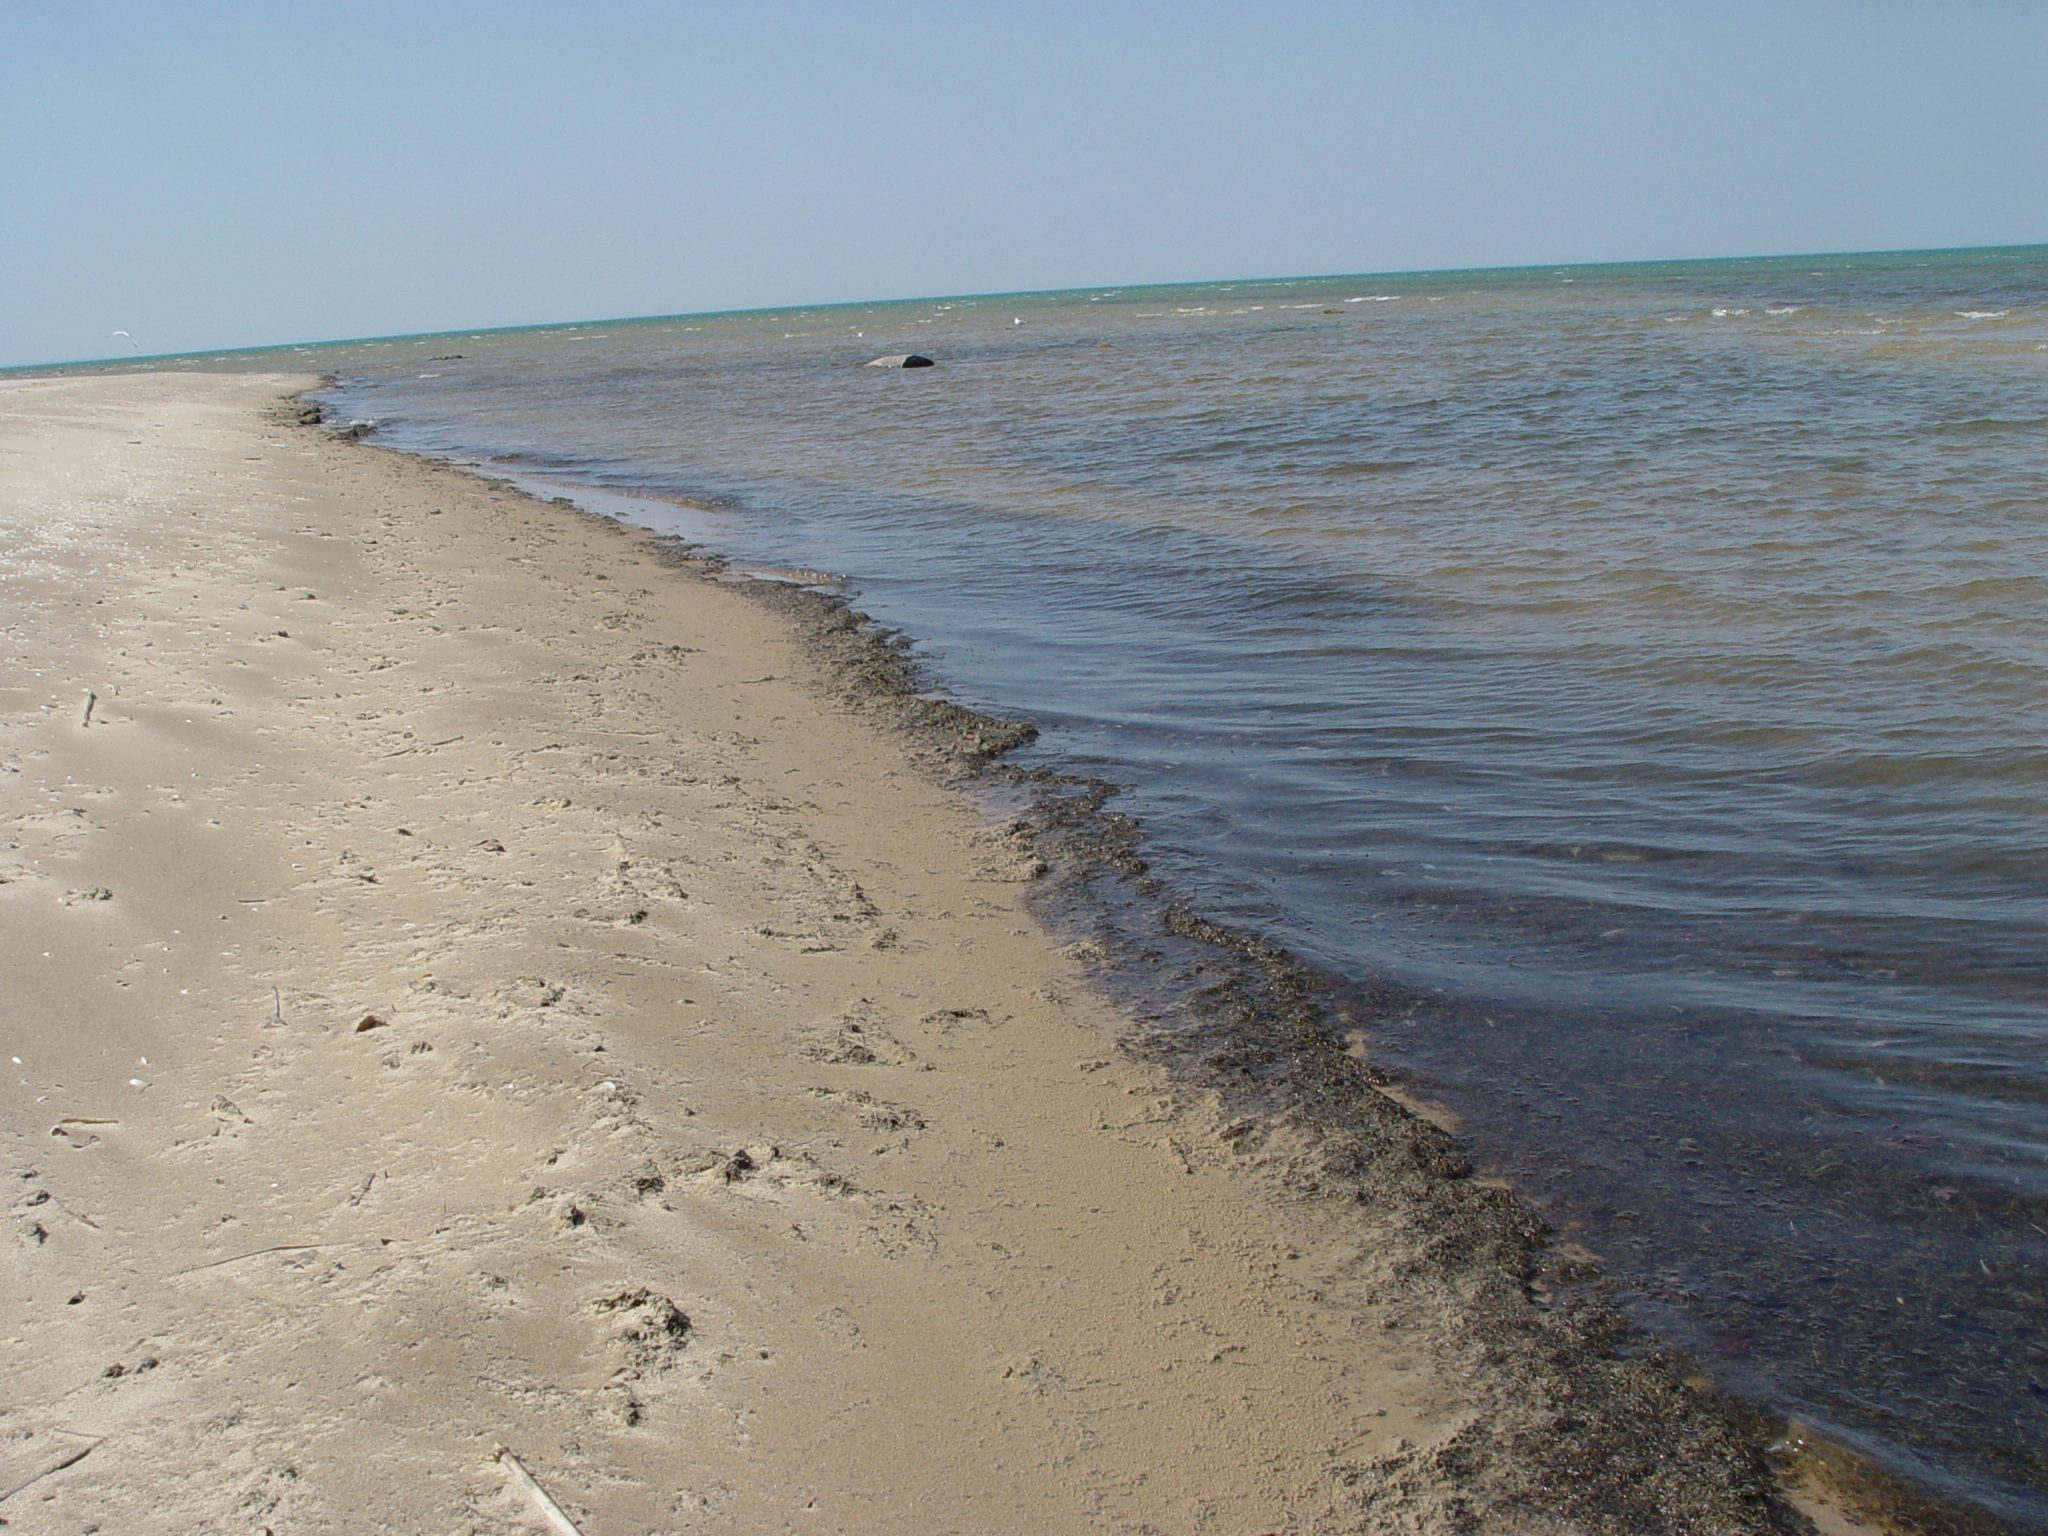 Saginaw Bay Pollution